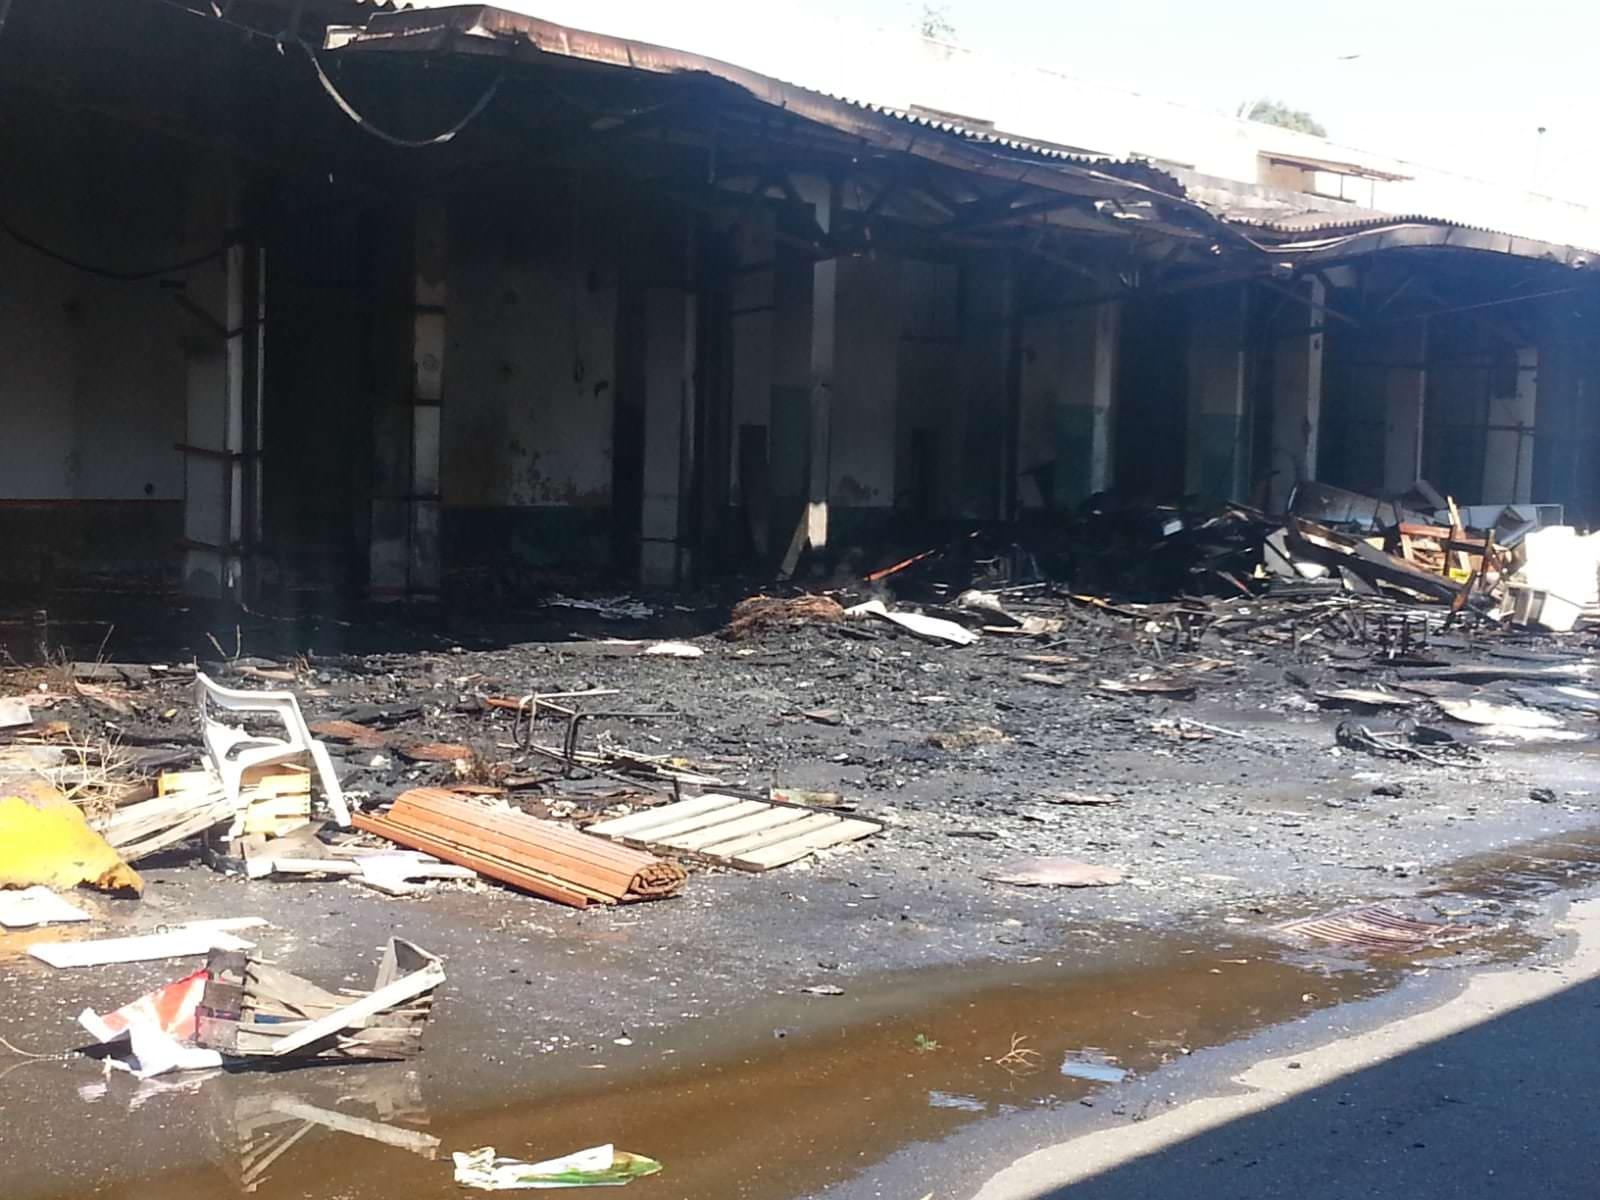 Incendio a San Giuseppe La Rena: in fiamme l'ex mercato ortofrutticolo. LE FOTO